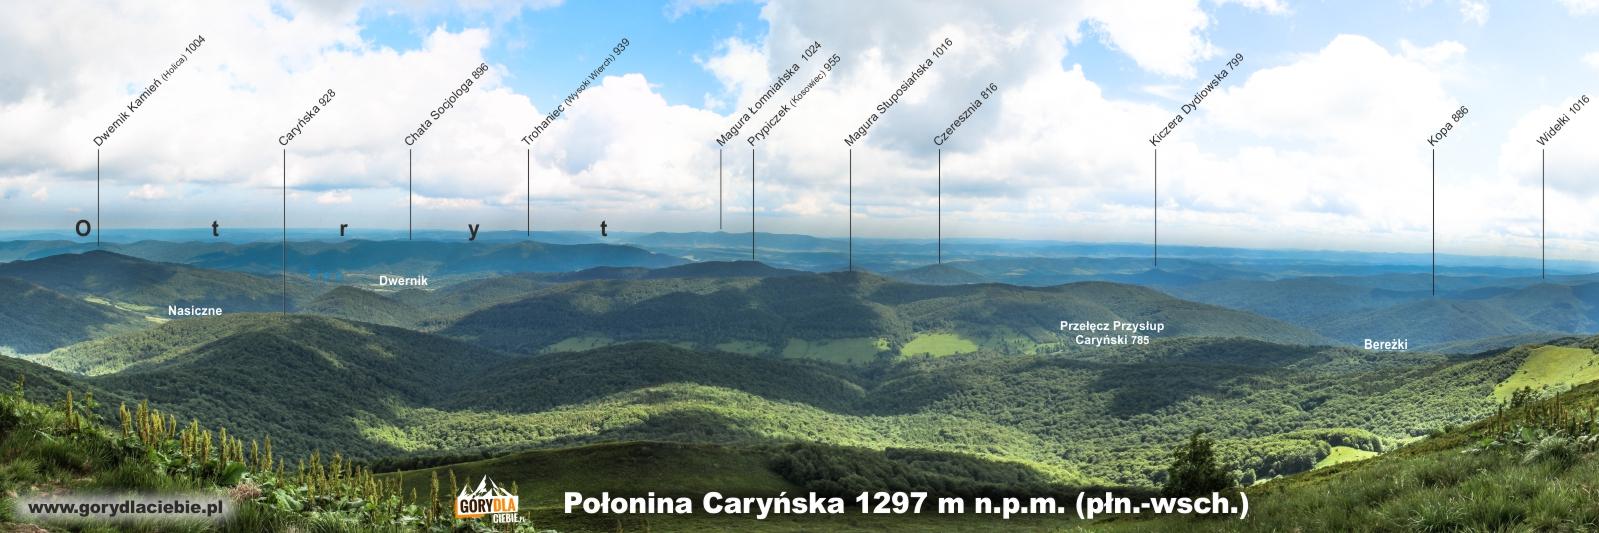 Opisana panorama z Połoniny Caryńskiej